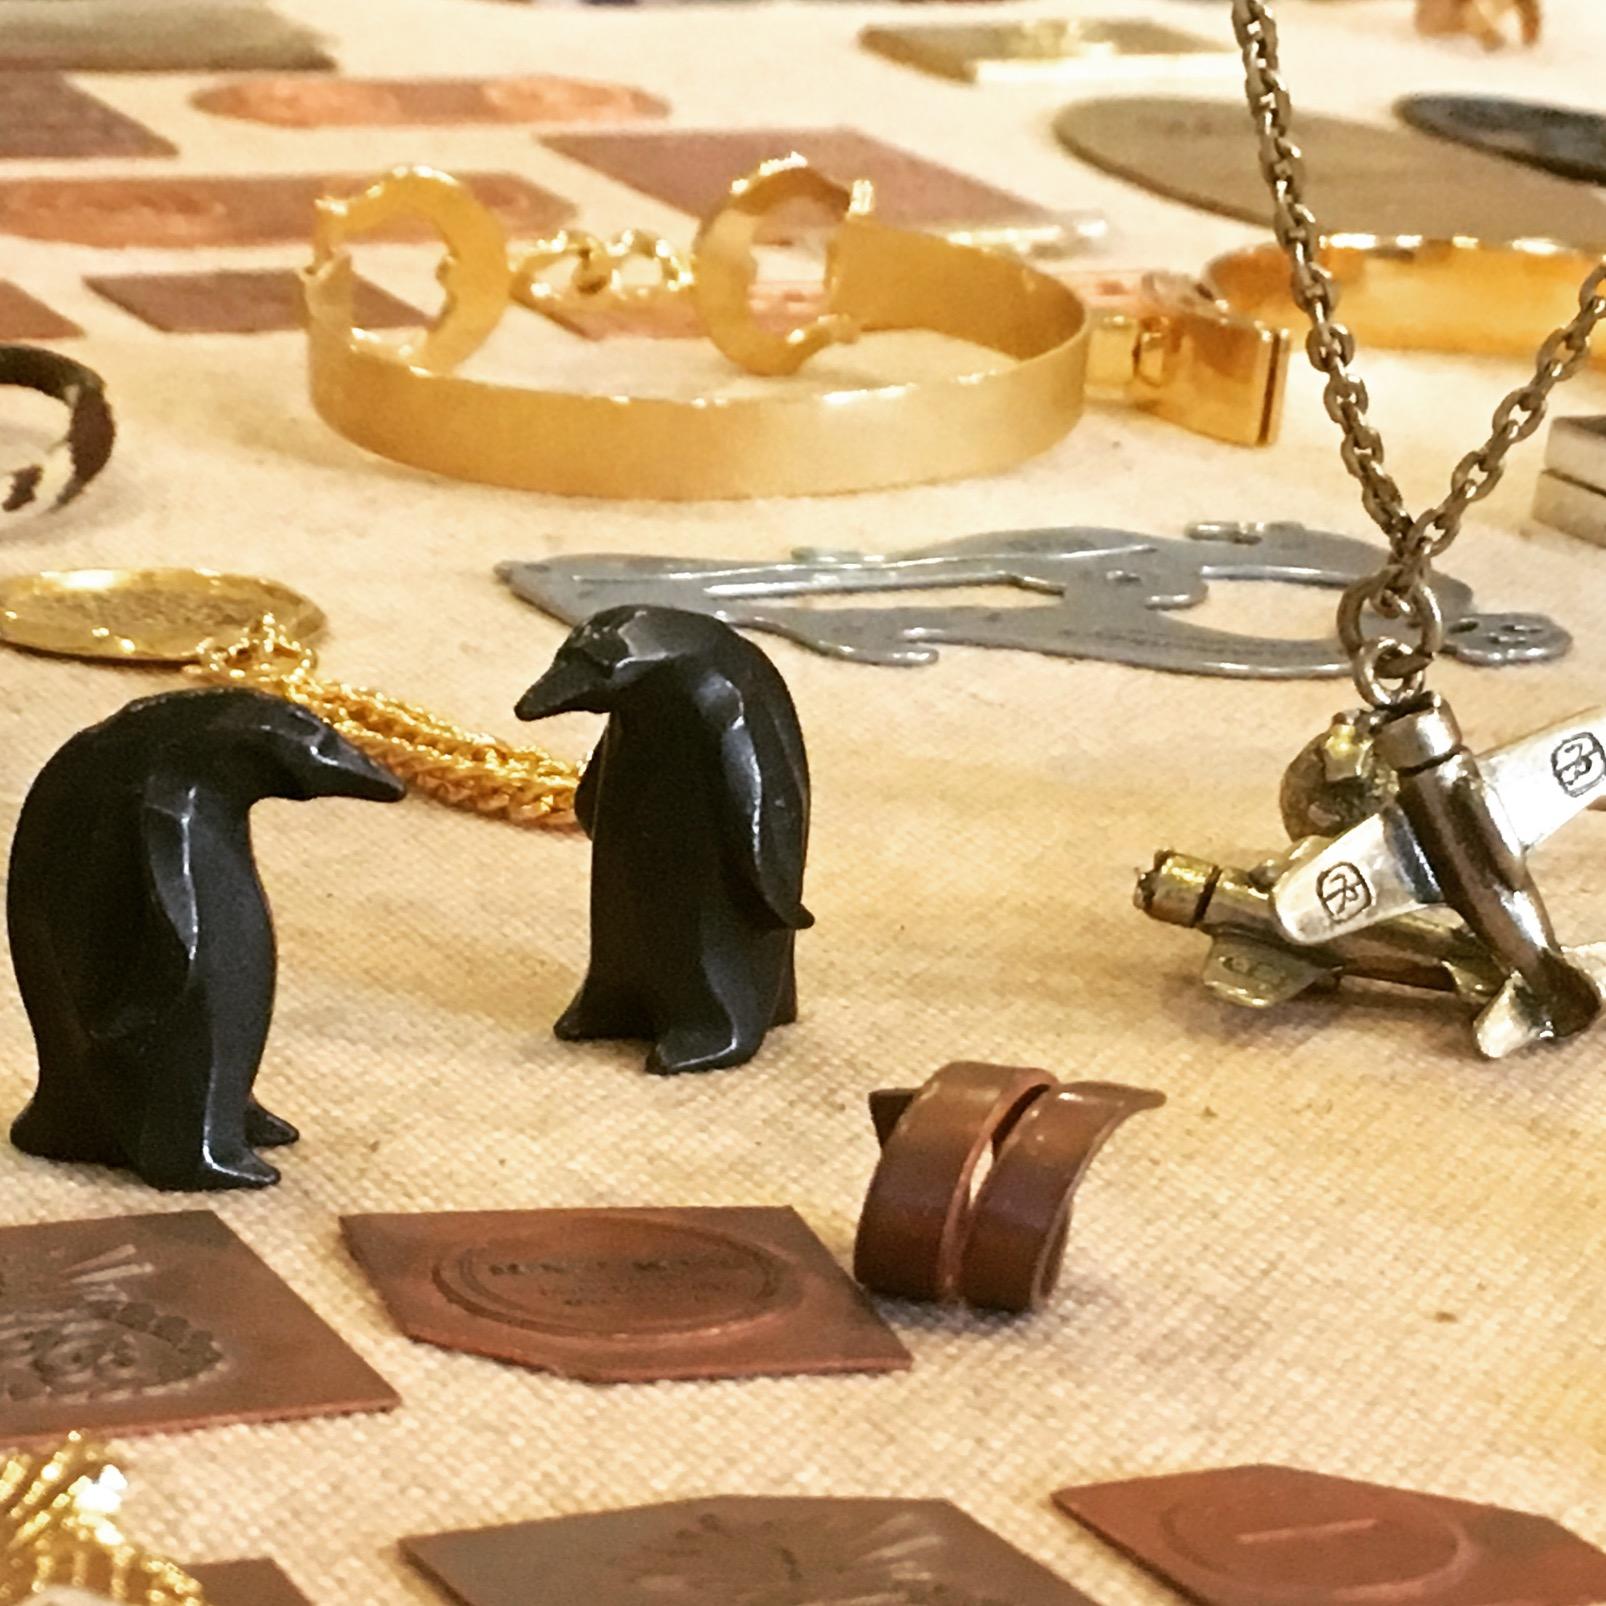 お客様ブランドオリジナルチャームの製作。デザインを繊細に金型に作り込みメタルチャームを作ります。